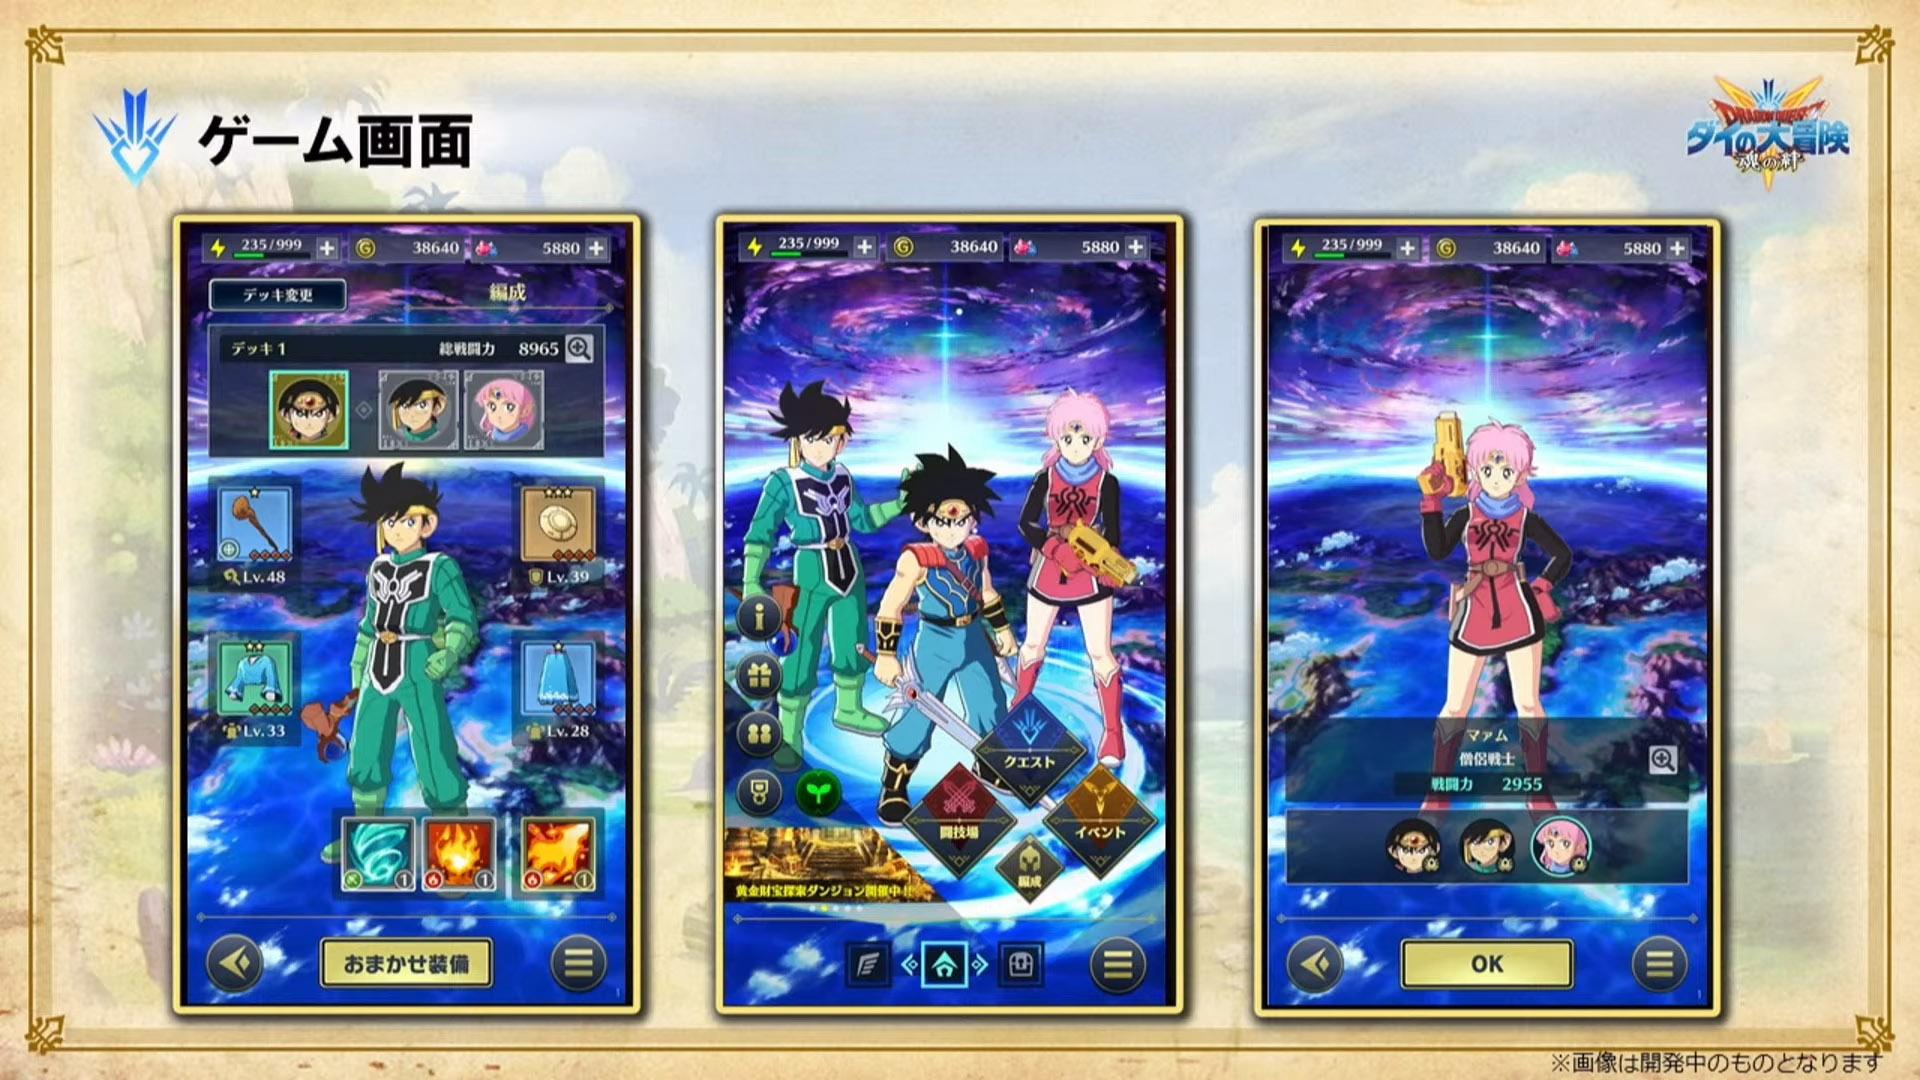 Dragon Quest: The Adventure of Dai é anunciado para iOS e Android 4